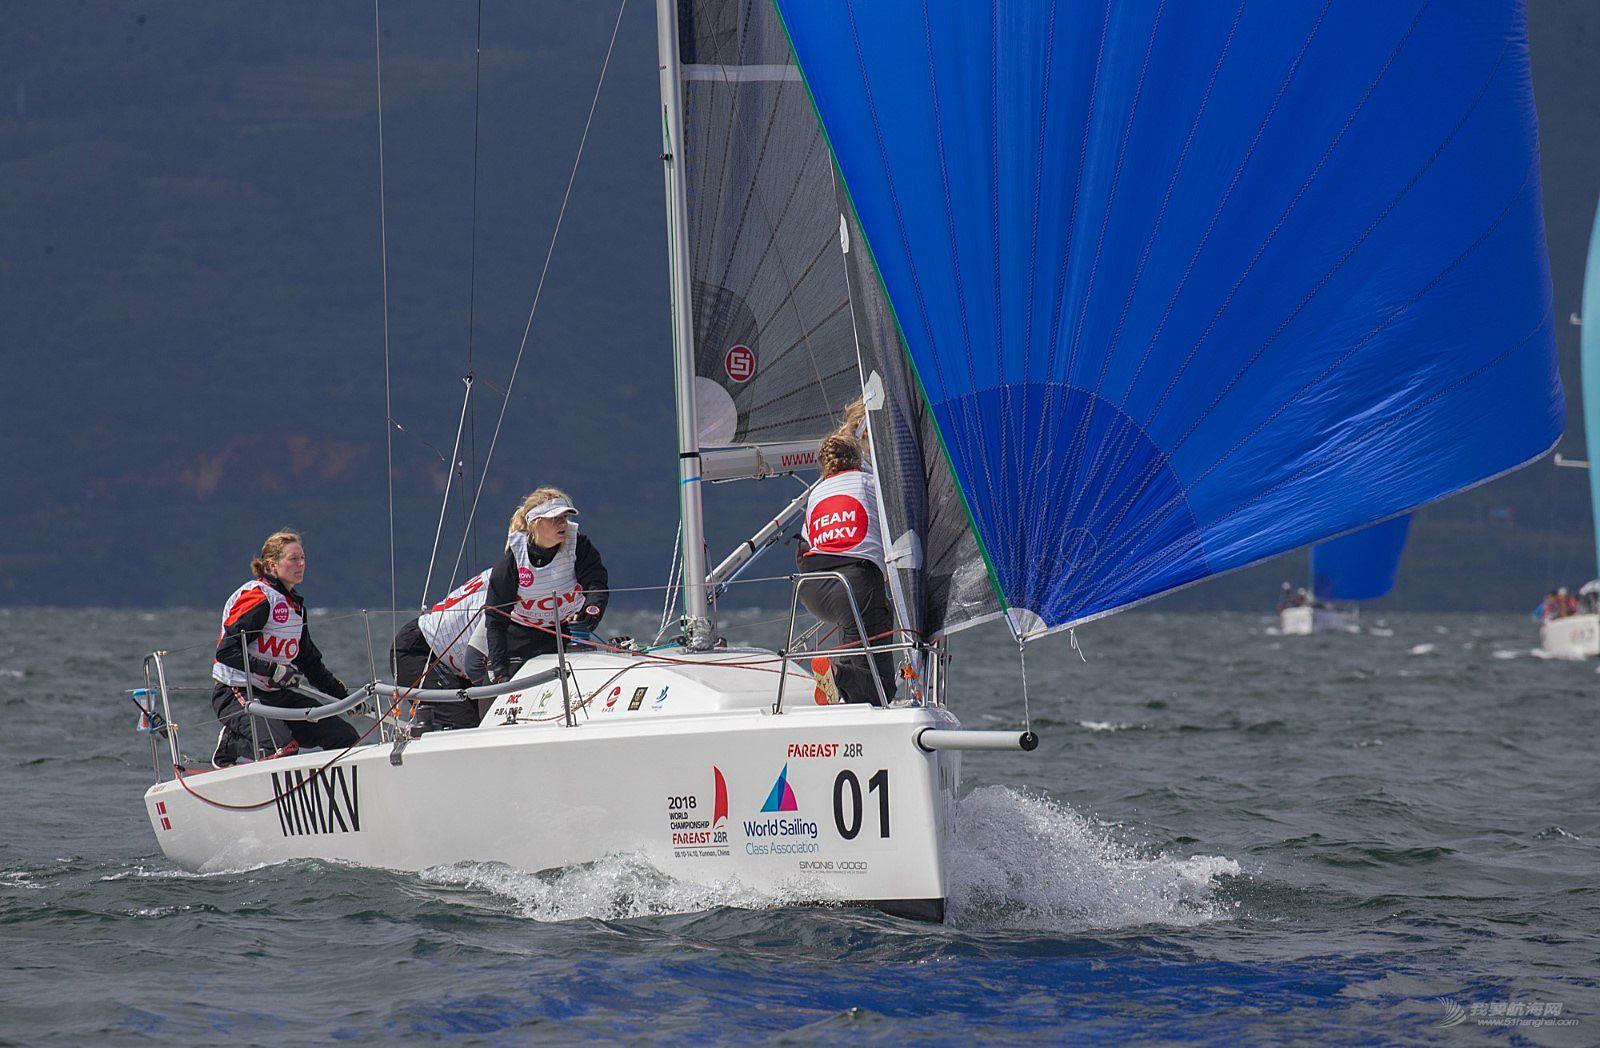 2018国际珐伊28R帆船世锦赛精彩图片贴8